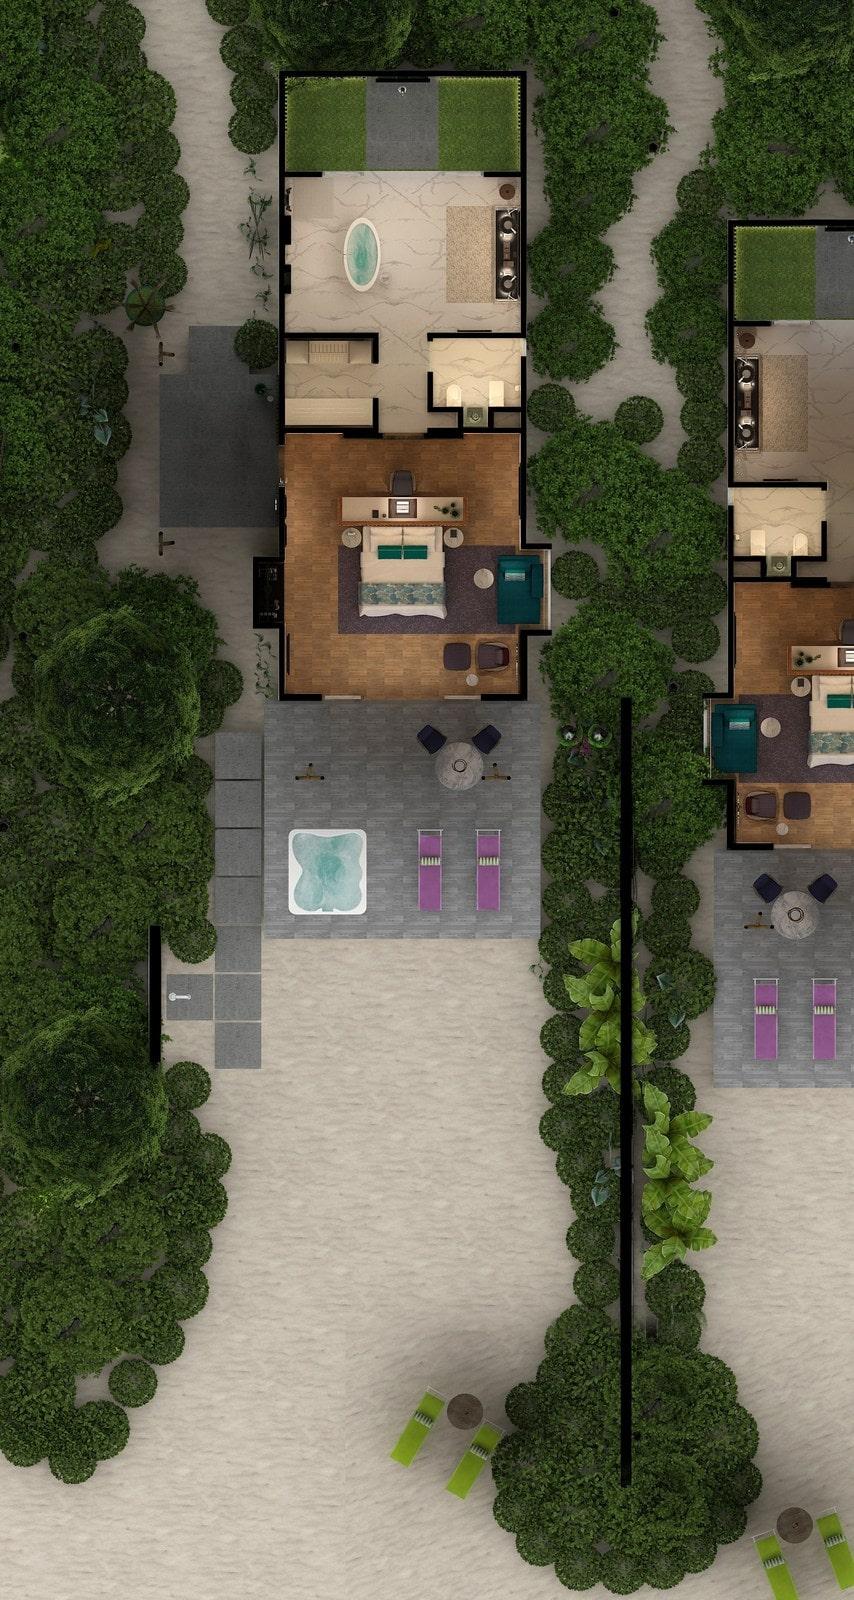 Мальдивы, отель Emerald Maldives Resort & Spa, план-схема номера Jacuzzi Beach Villa